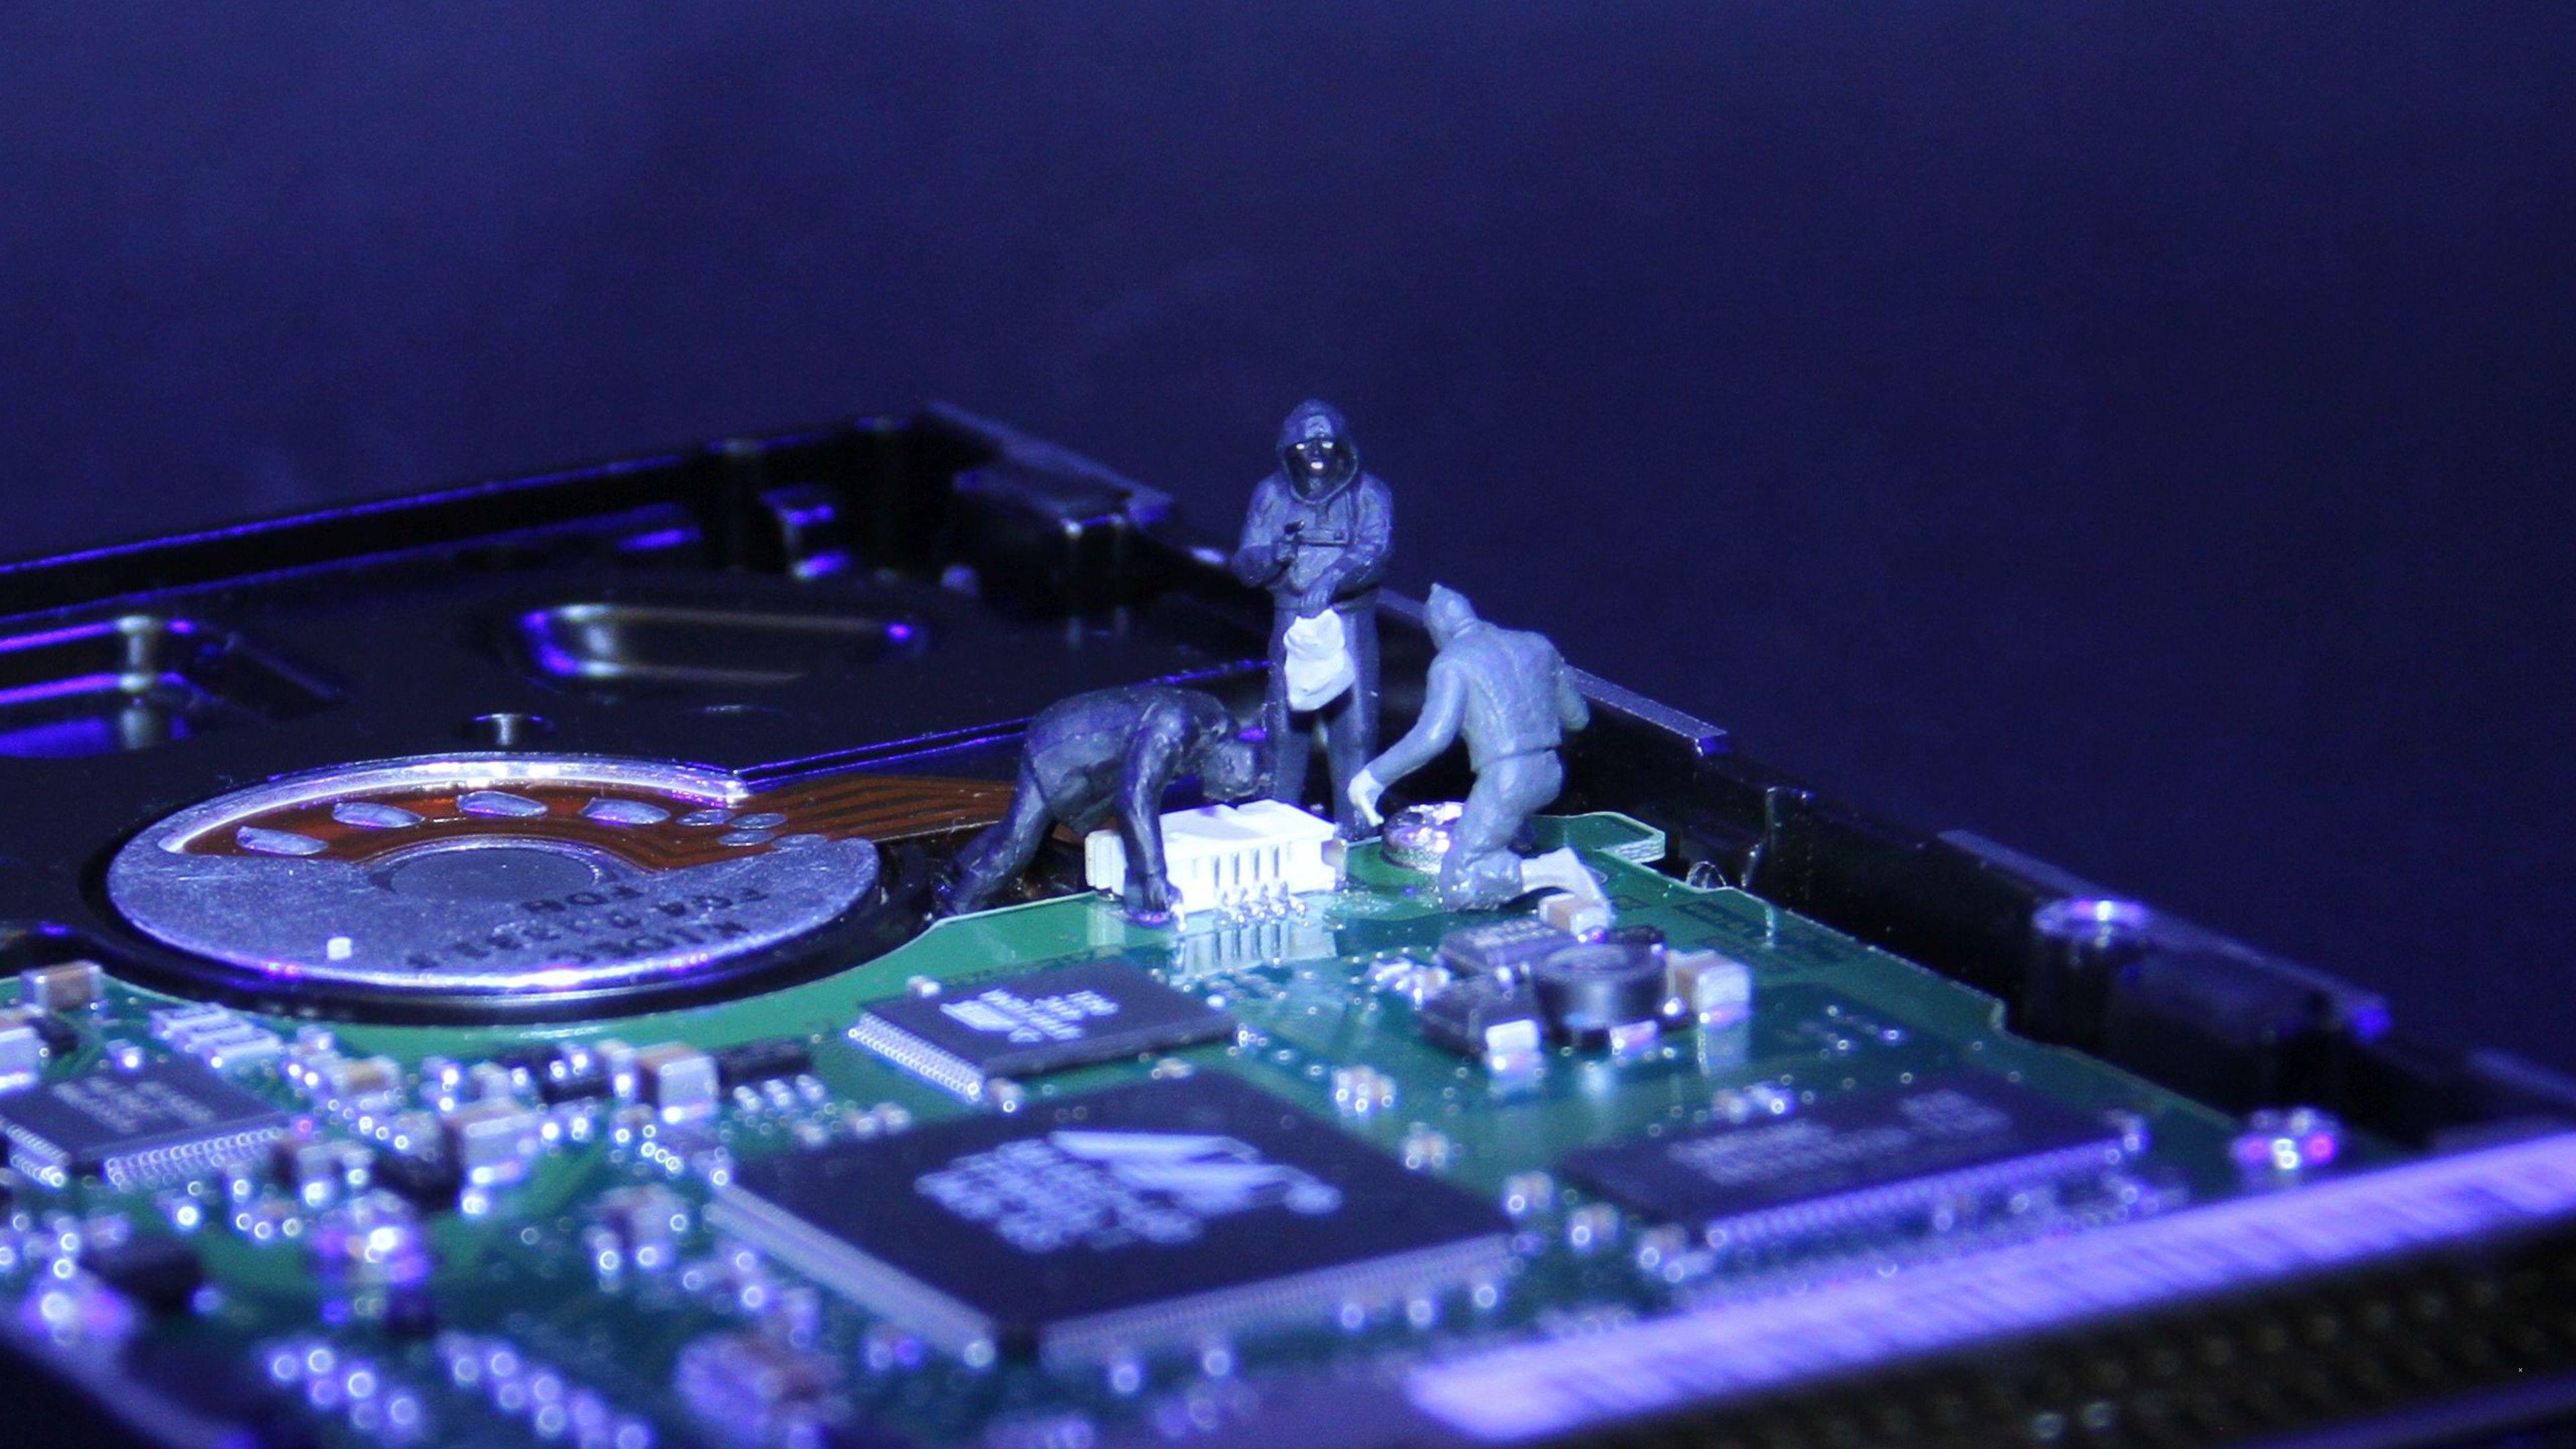 Absürt Hack Yöntemleri: Ekran Parlaklığı, Hard Disk Işıkları ve Bilgisayar Fanlarından Gelen Titreşimler Gibi Özellikleri Kötüye Kullanarak Veri Hırsızlığı Yapmak Mümkün!